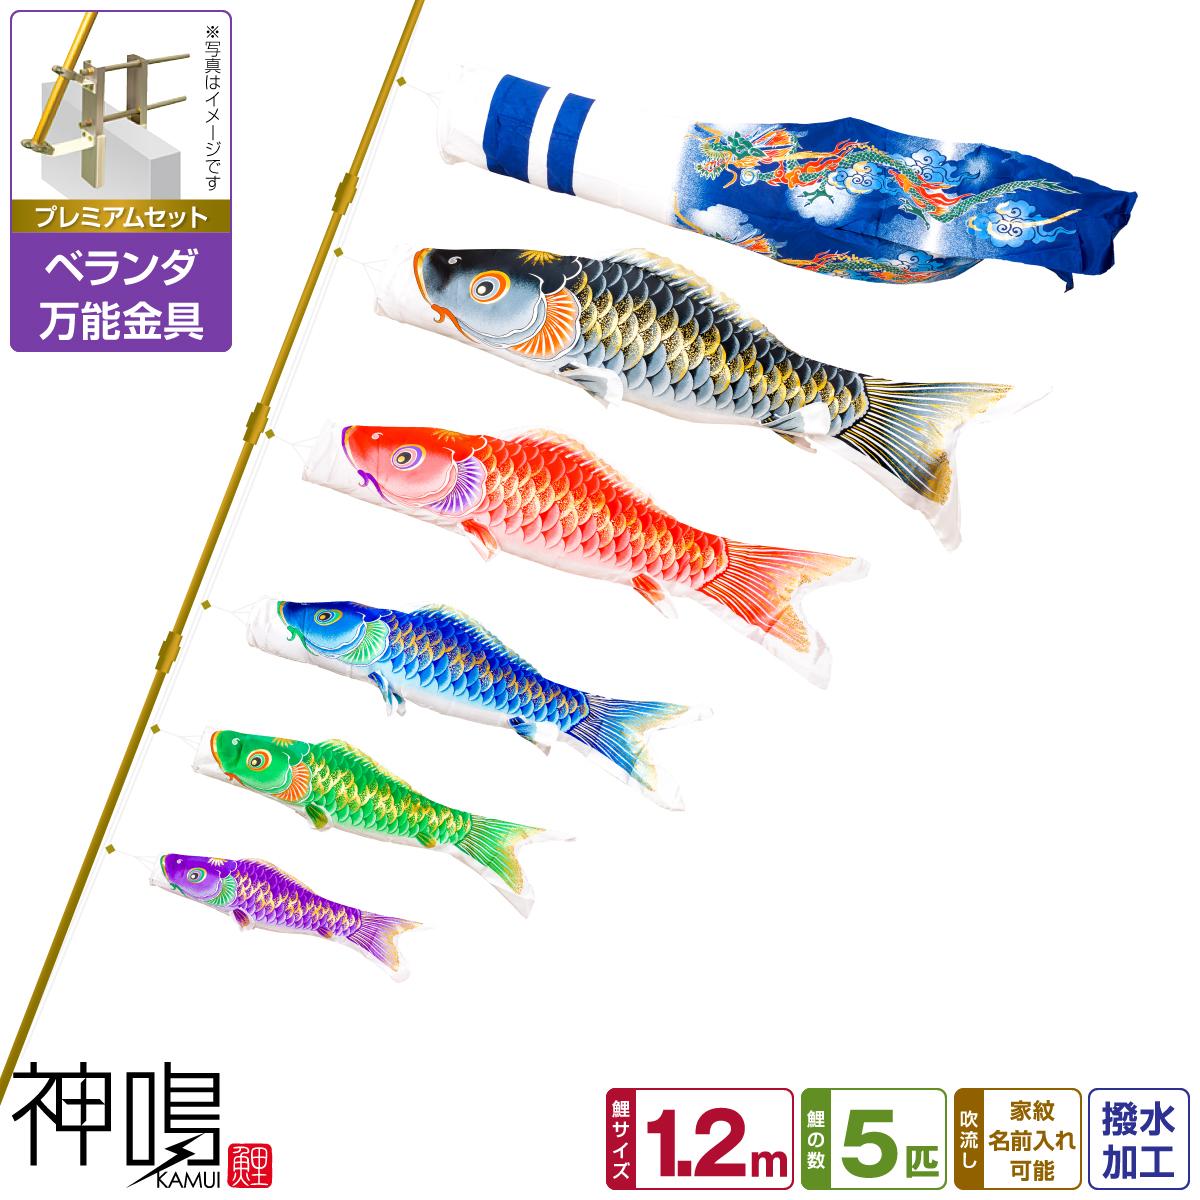 ベランダ用 鯉のぼり 神鳴鯉-KAMUI- 1.2m 8点(吹流し+鯉5匹+矢車+ロープ)/プレミアムセット(万能取付金具)